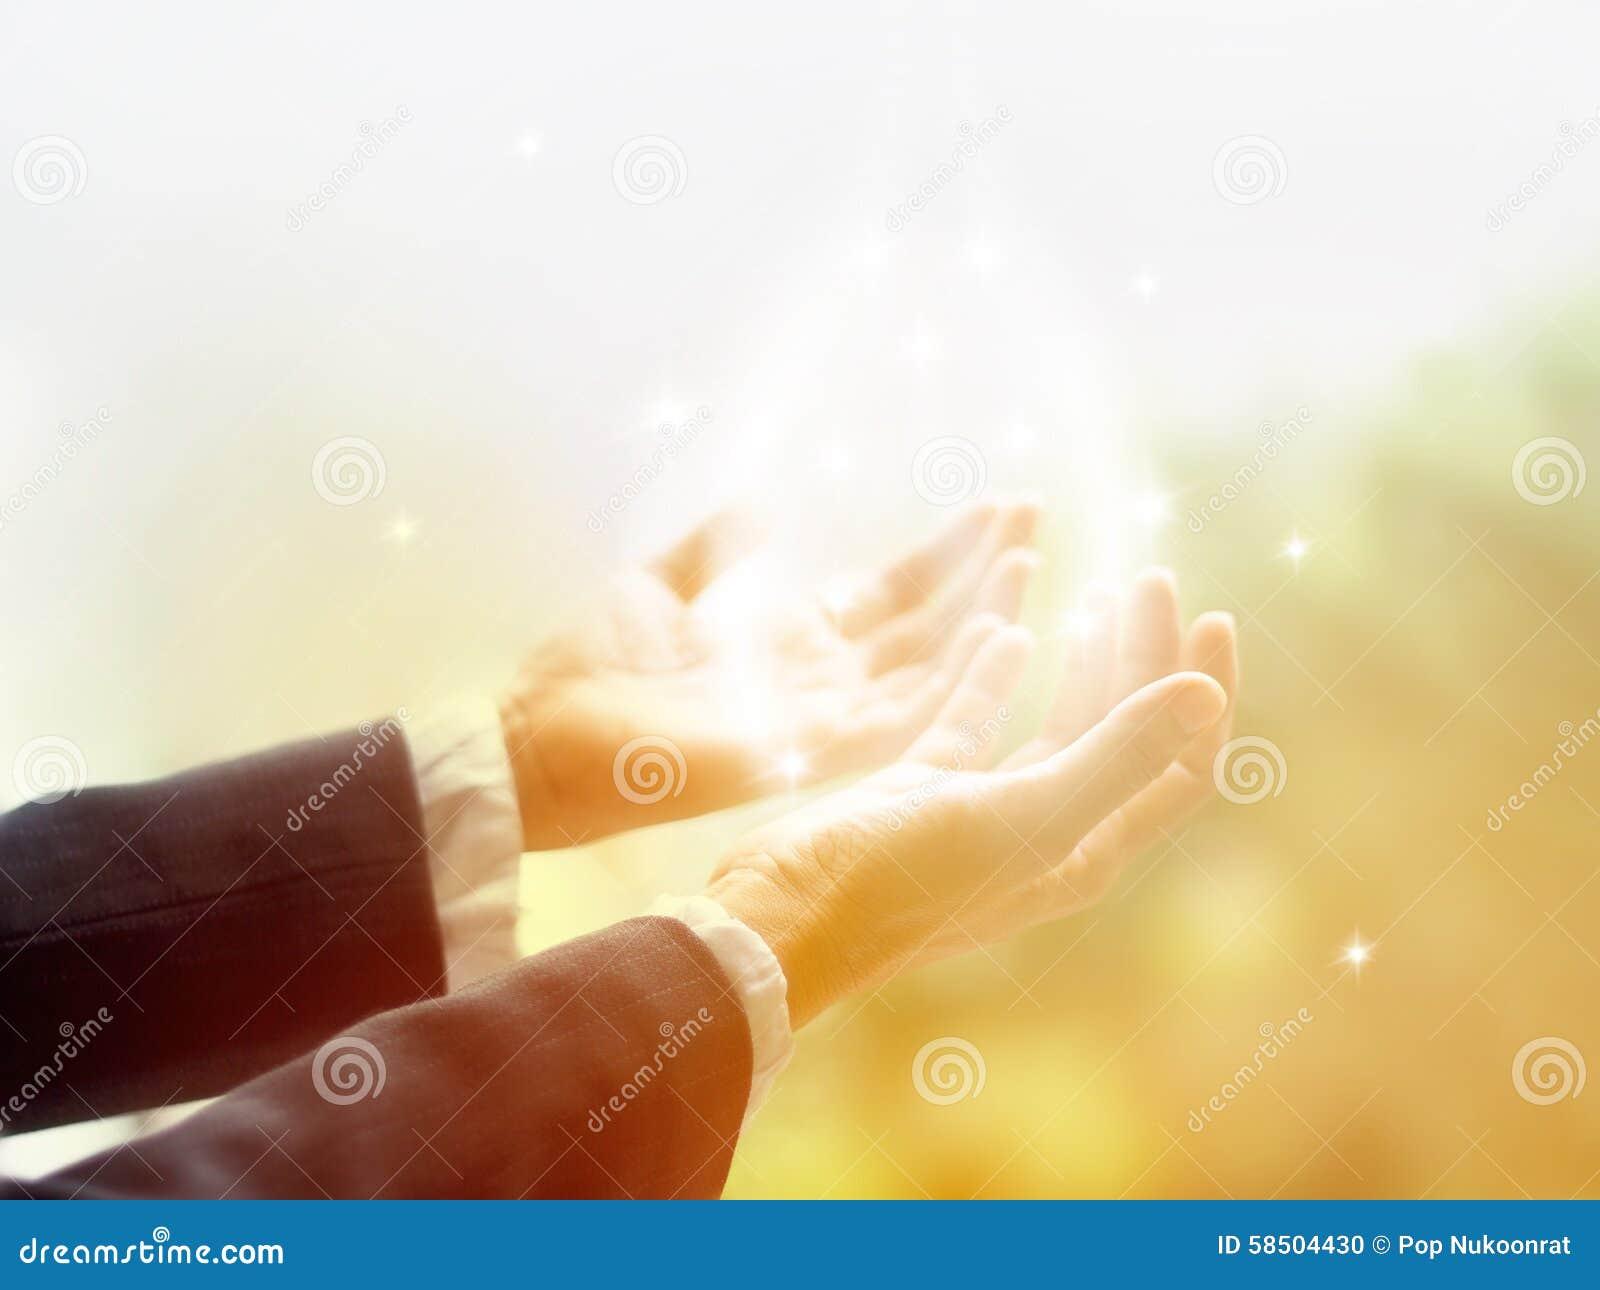 De helende Cirkel van Lichte, Oude vrouwelijke genezer met handen stelt omringd door een witte cirkel van kleur en wit sterlicht